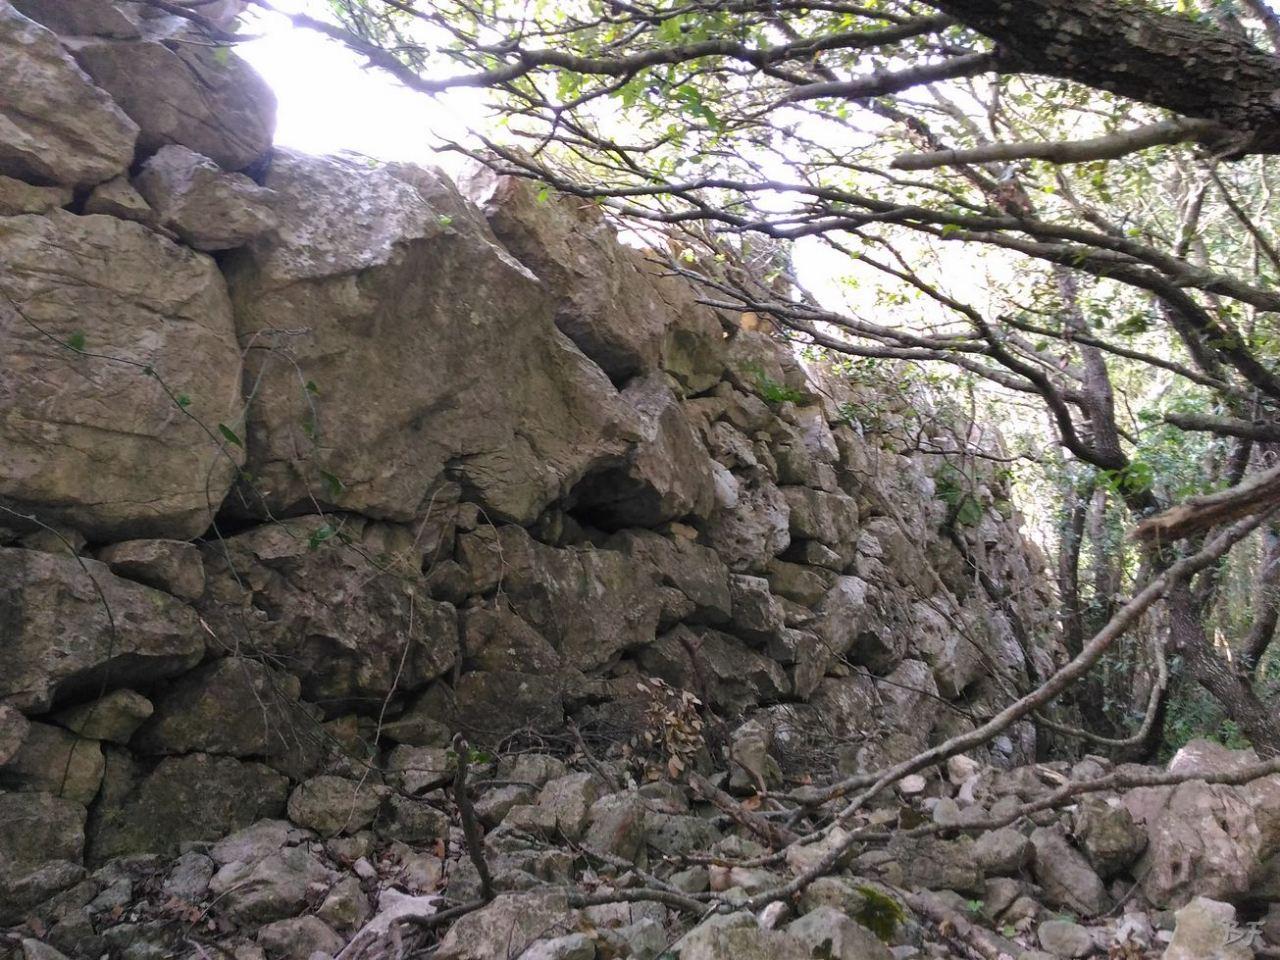 Circeii-Mura-Megalitiche-Poligonali-Latina-Lazio-Italia-8